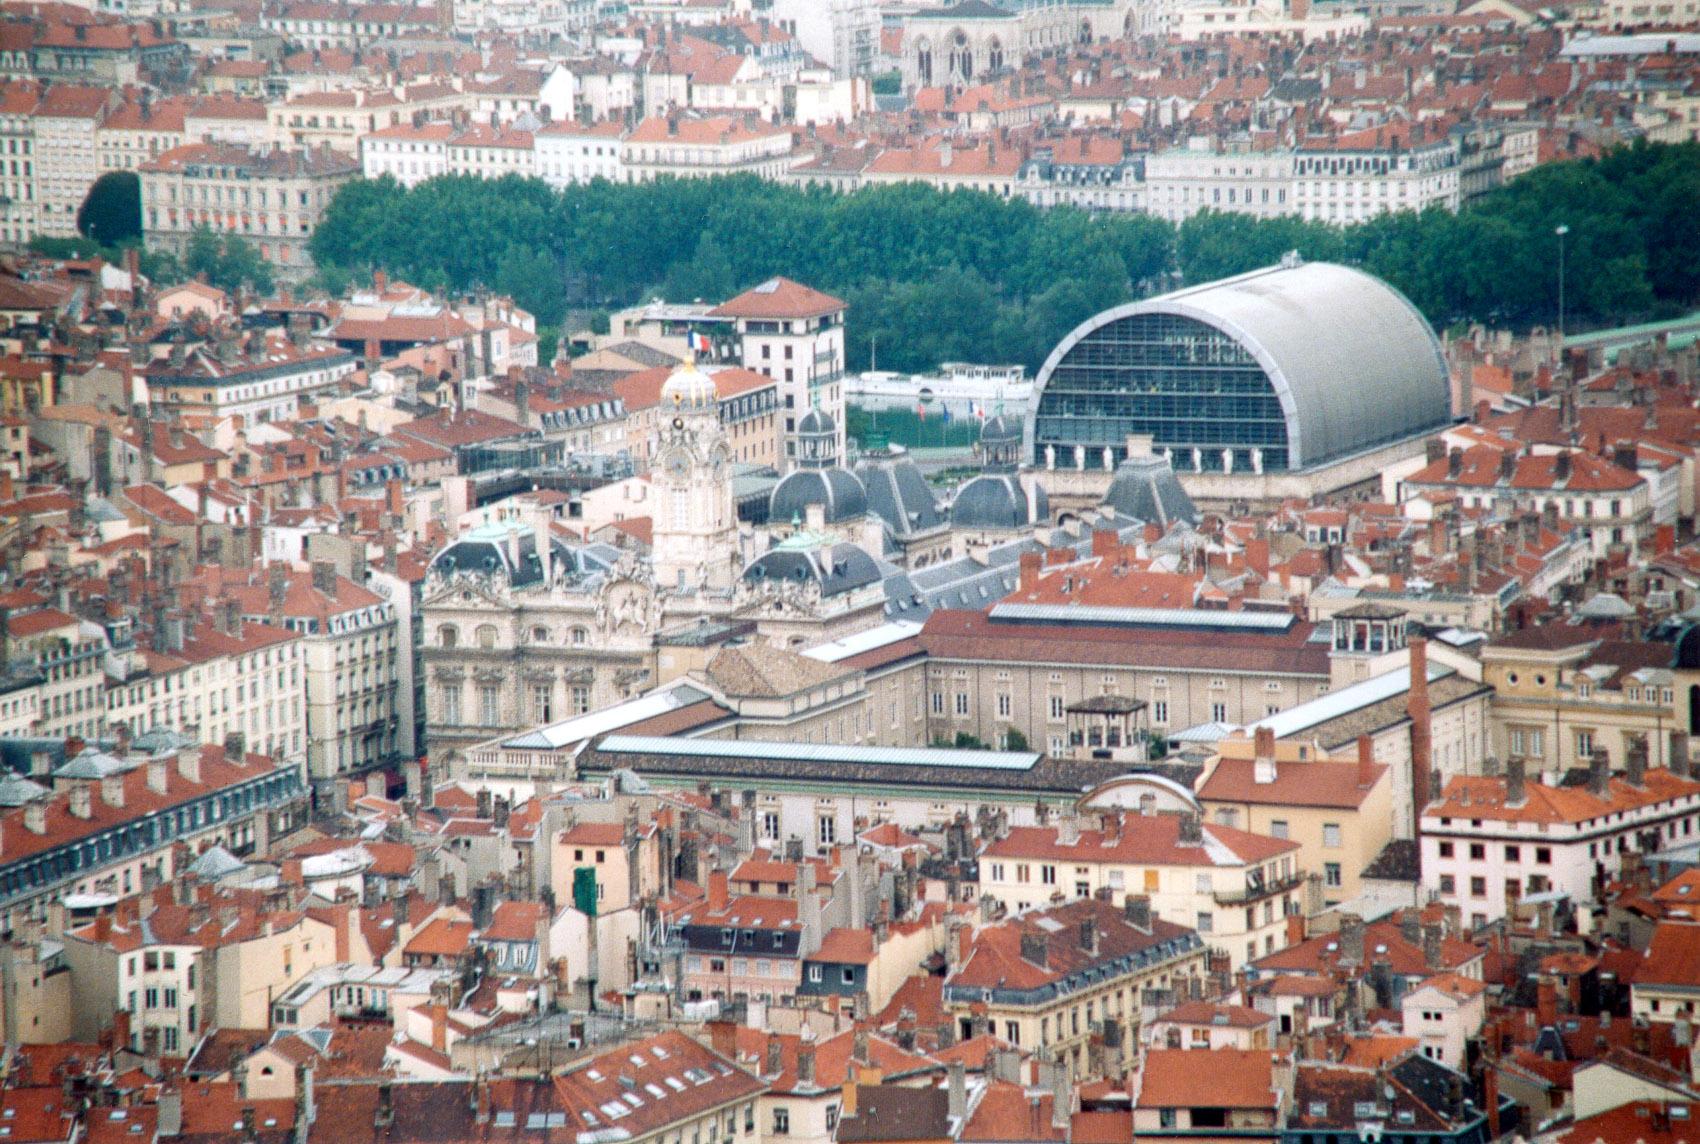 panorama di Lione con vista del teatro dell'Opera